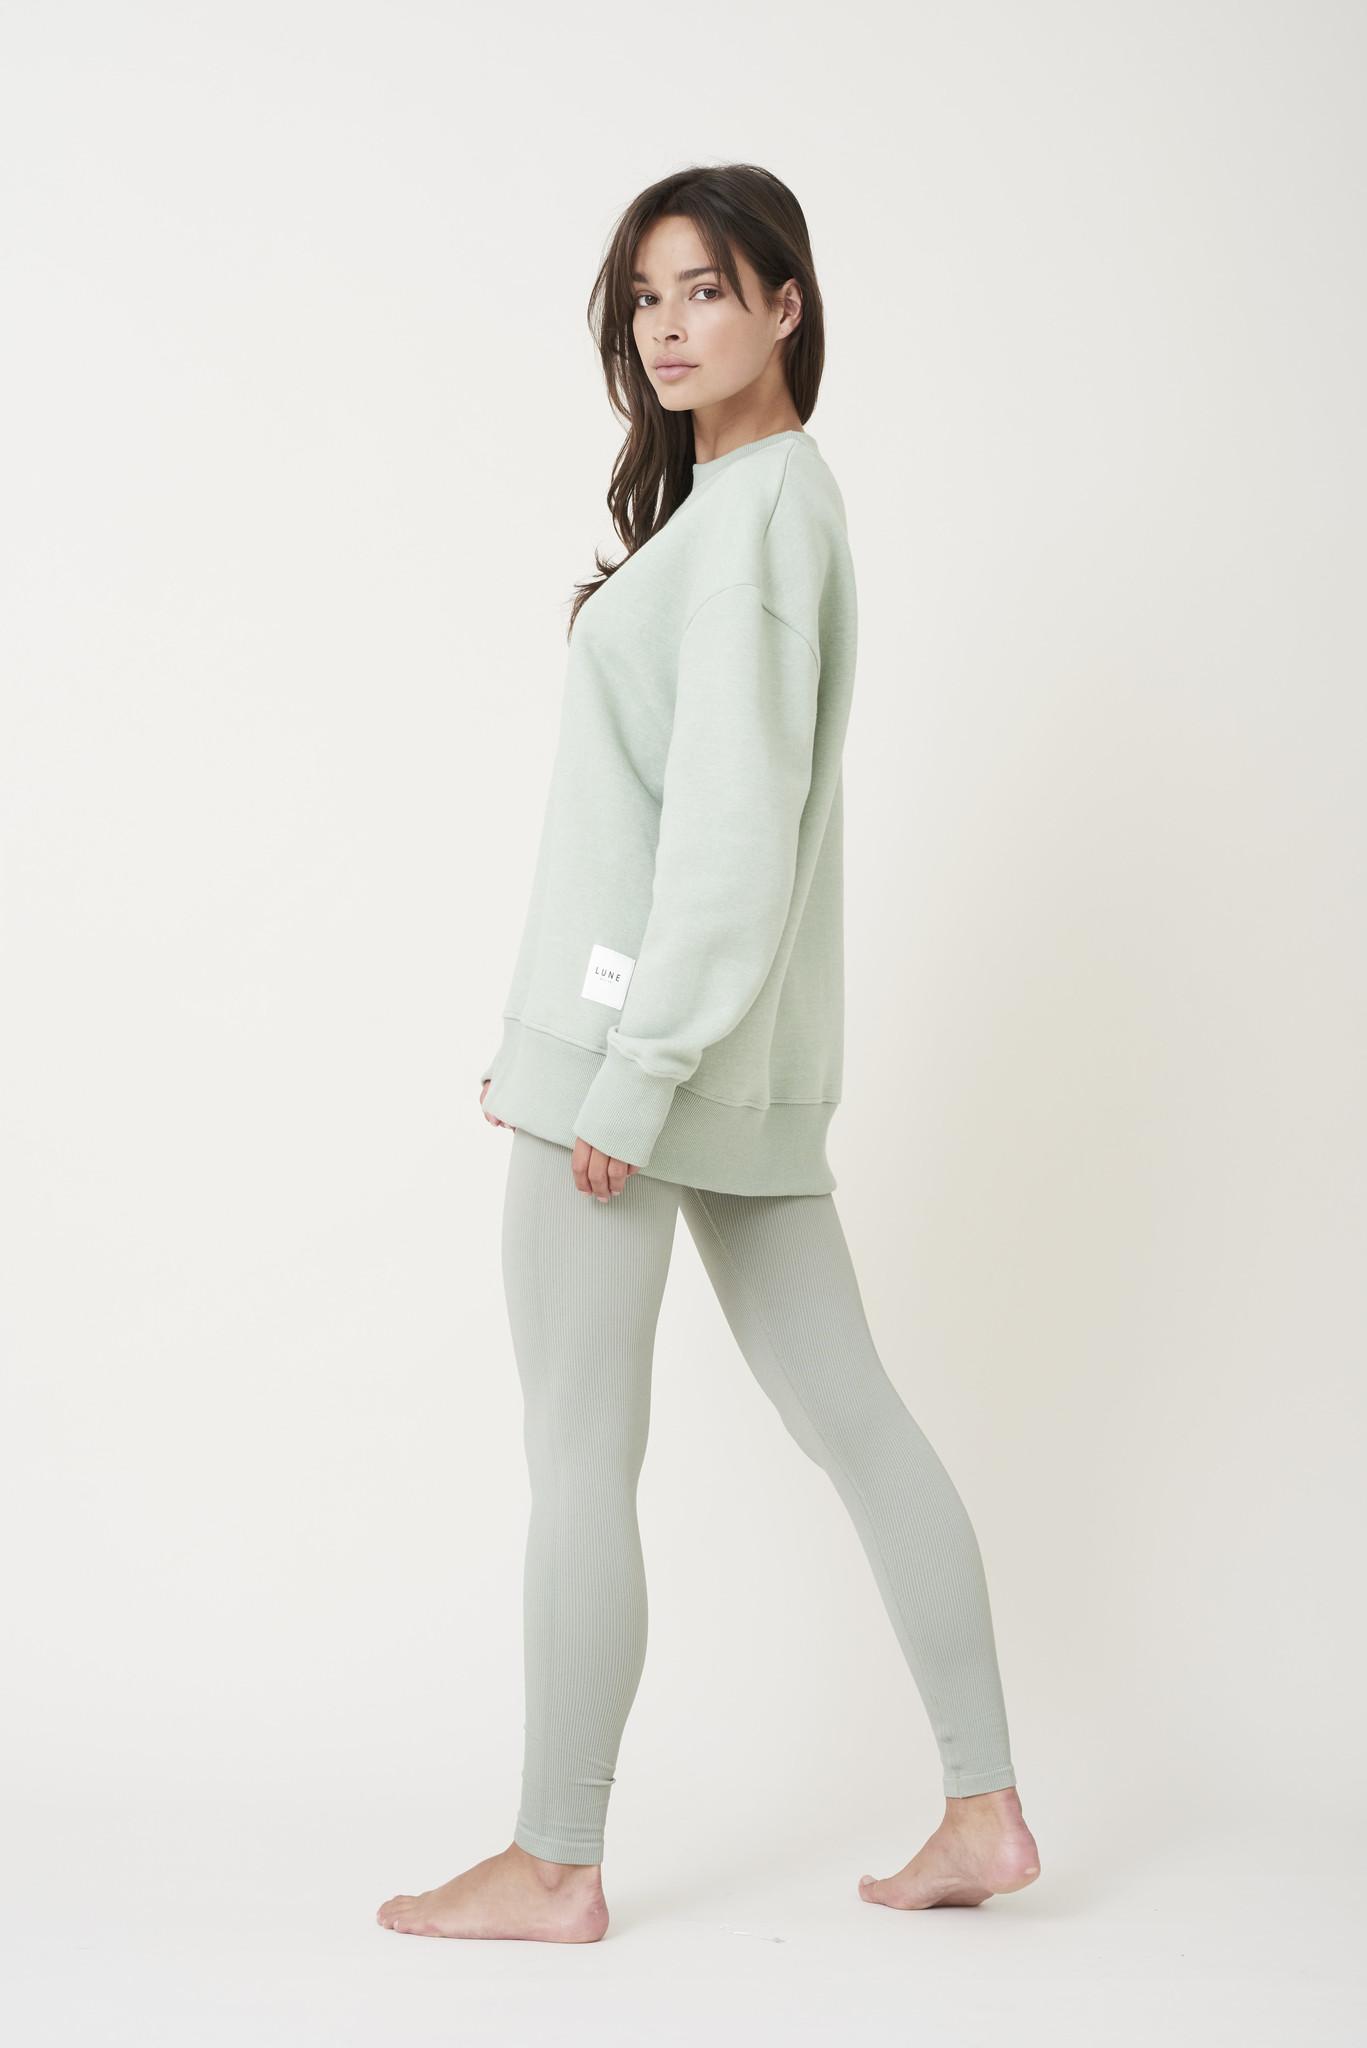 Kylie Sweater - Sage Groen-5